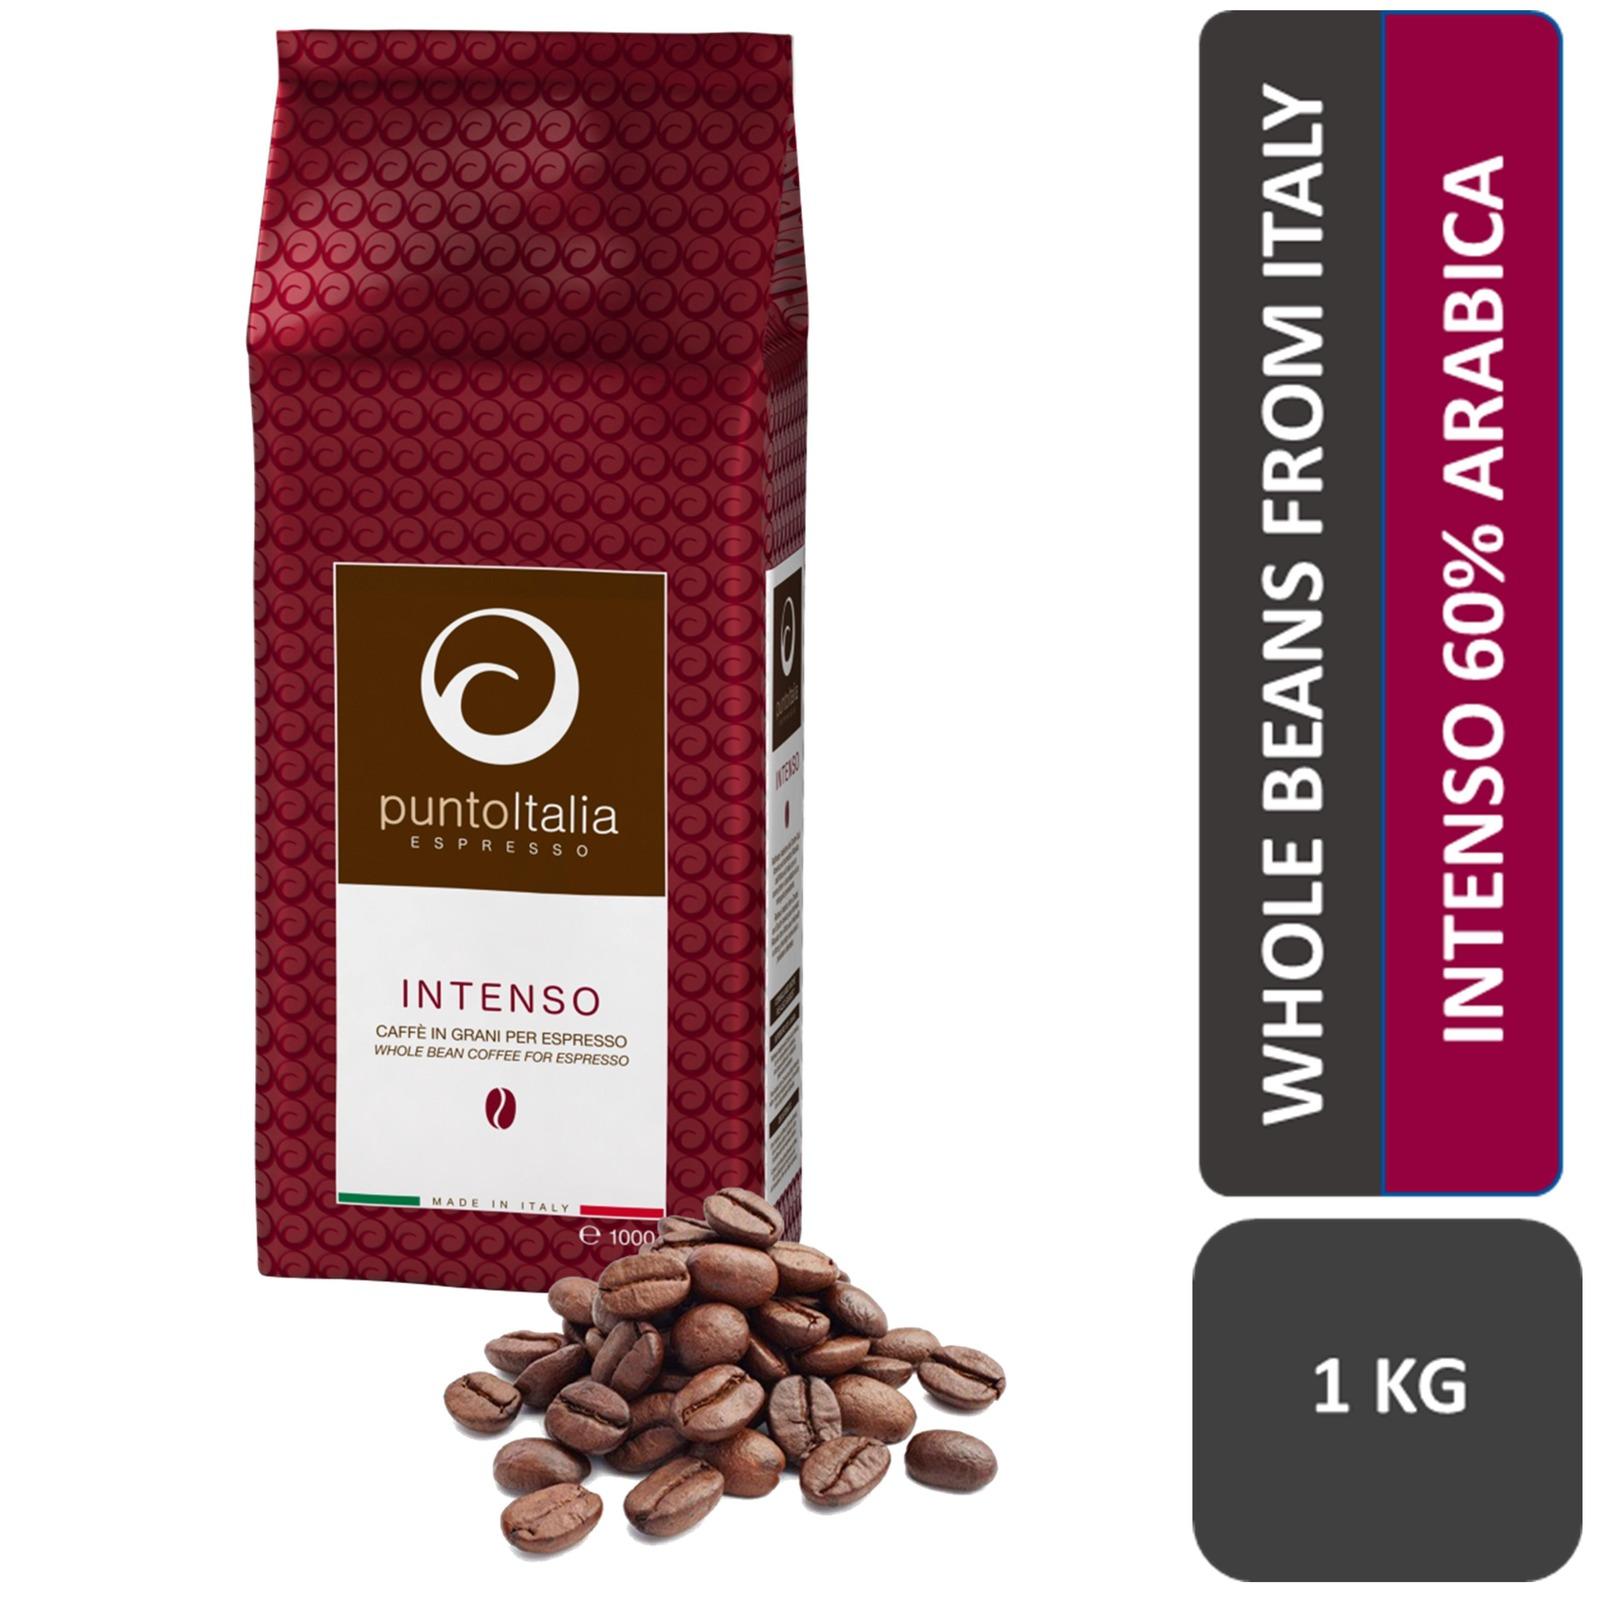 Punto Italia Espresso Intenso 60 Arabica Coffee Beans Ntuc Fairprice